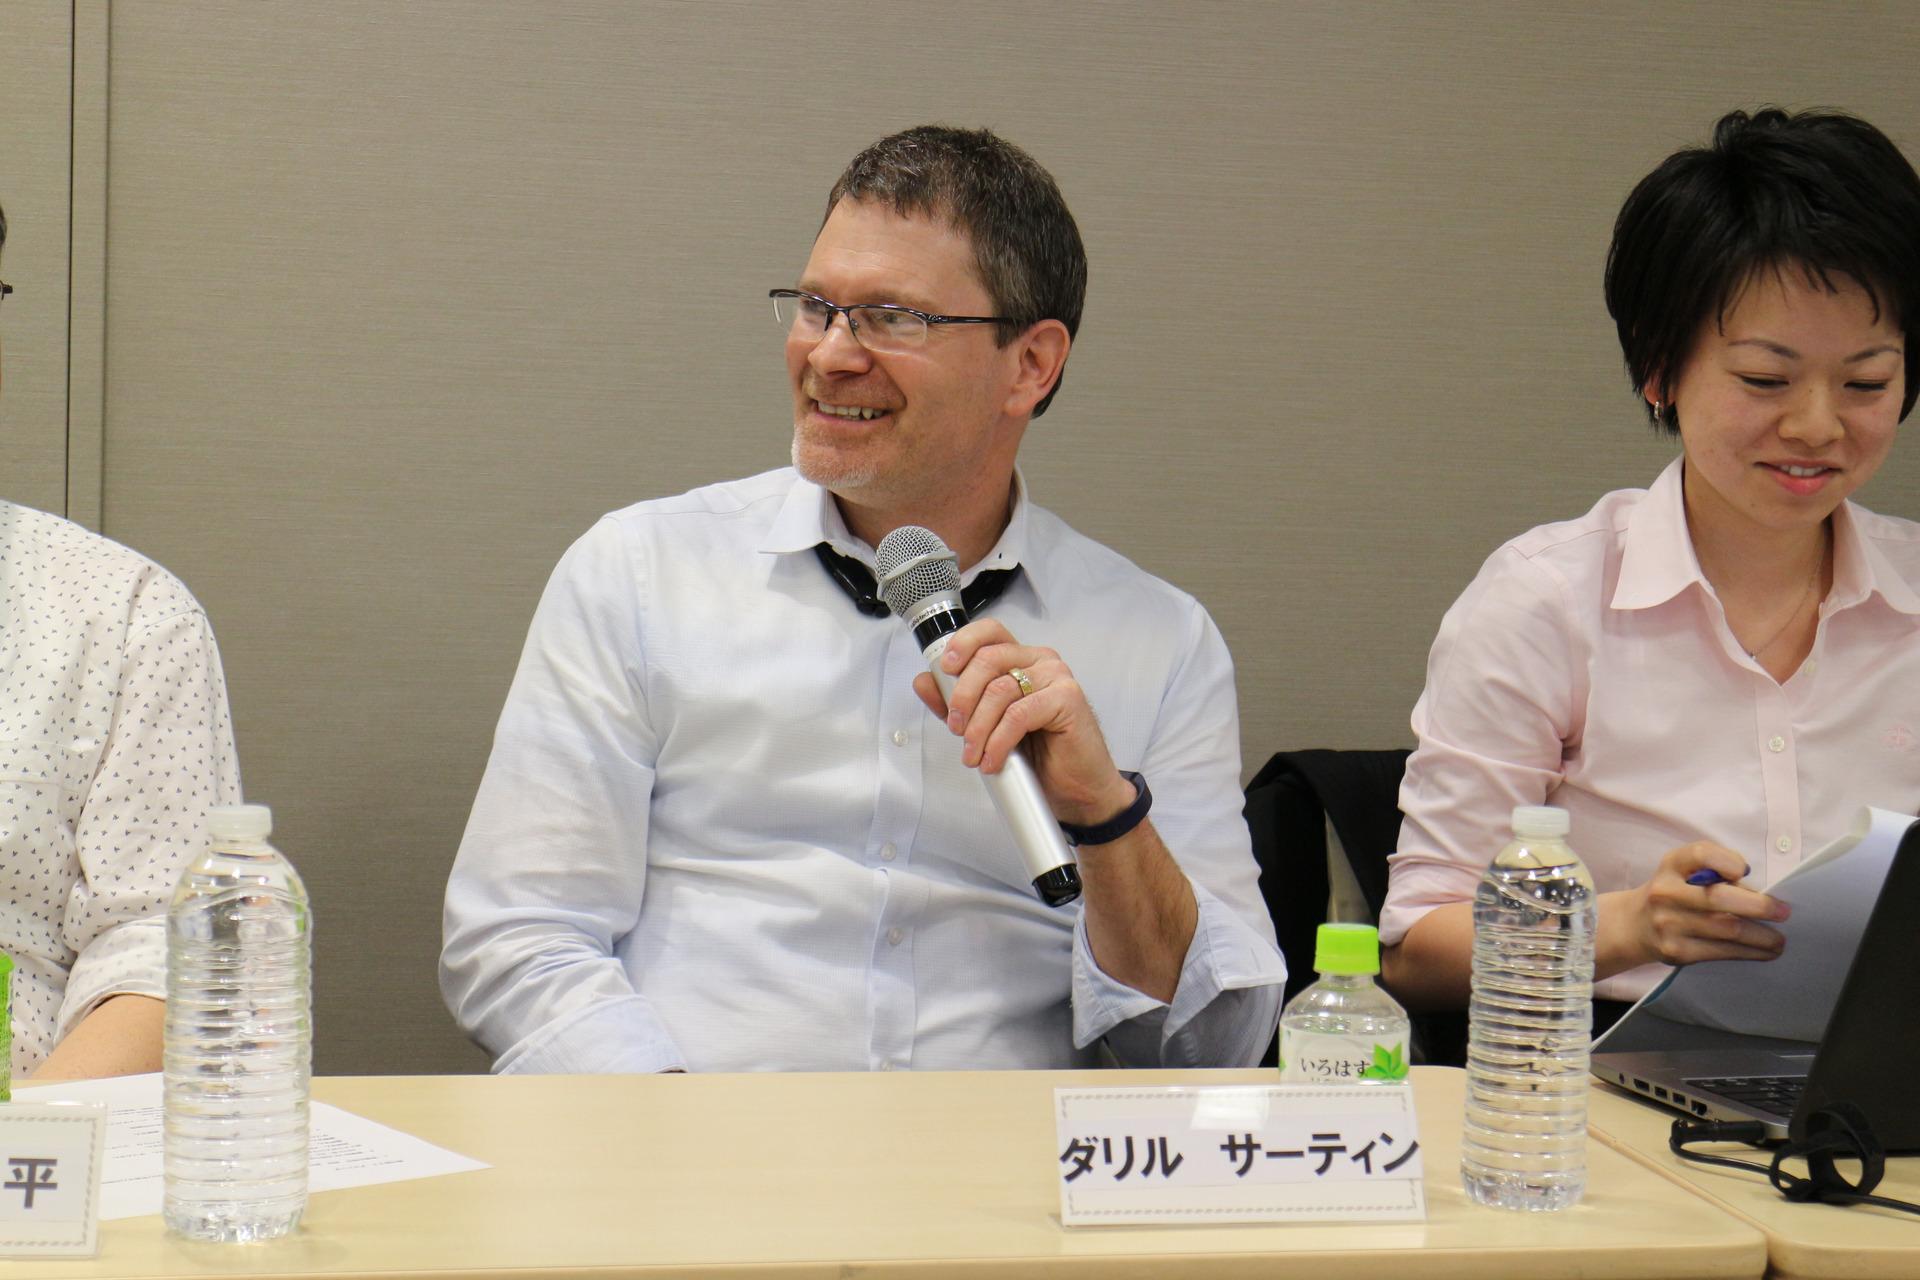 サーティン氏も藤井氏の考えに賛同した